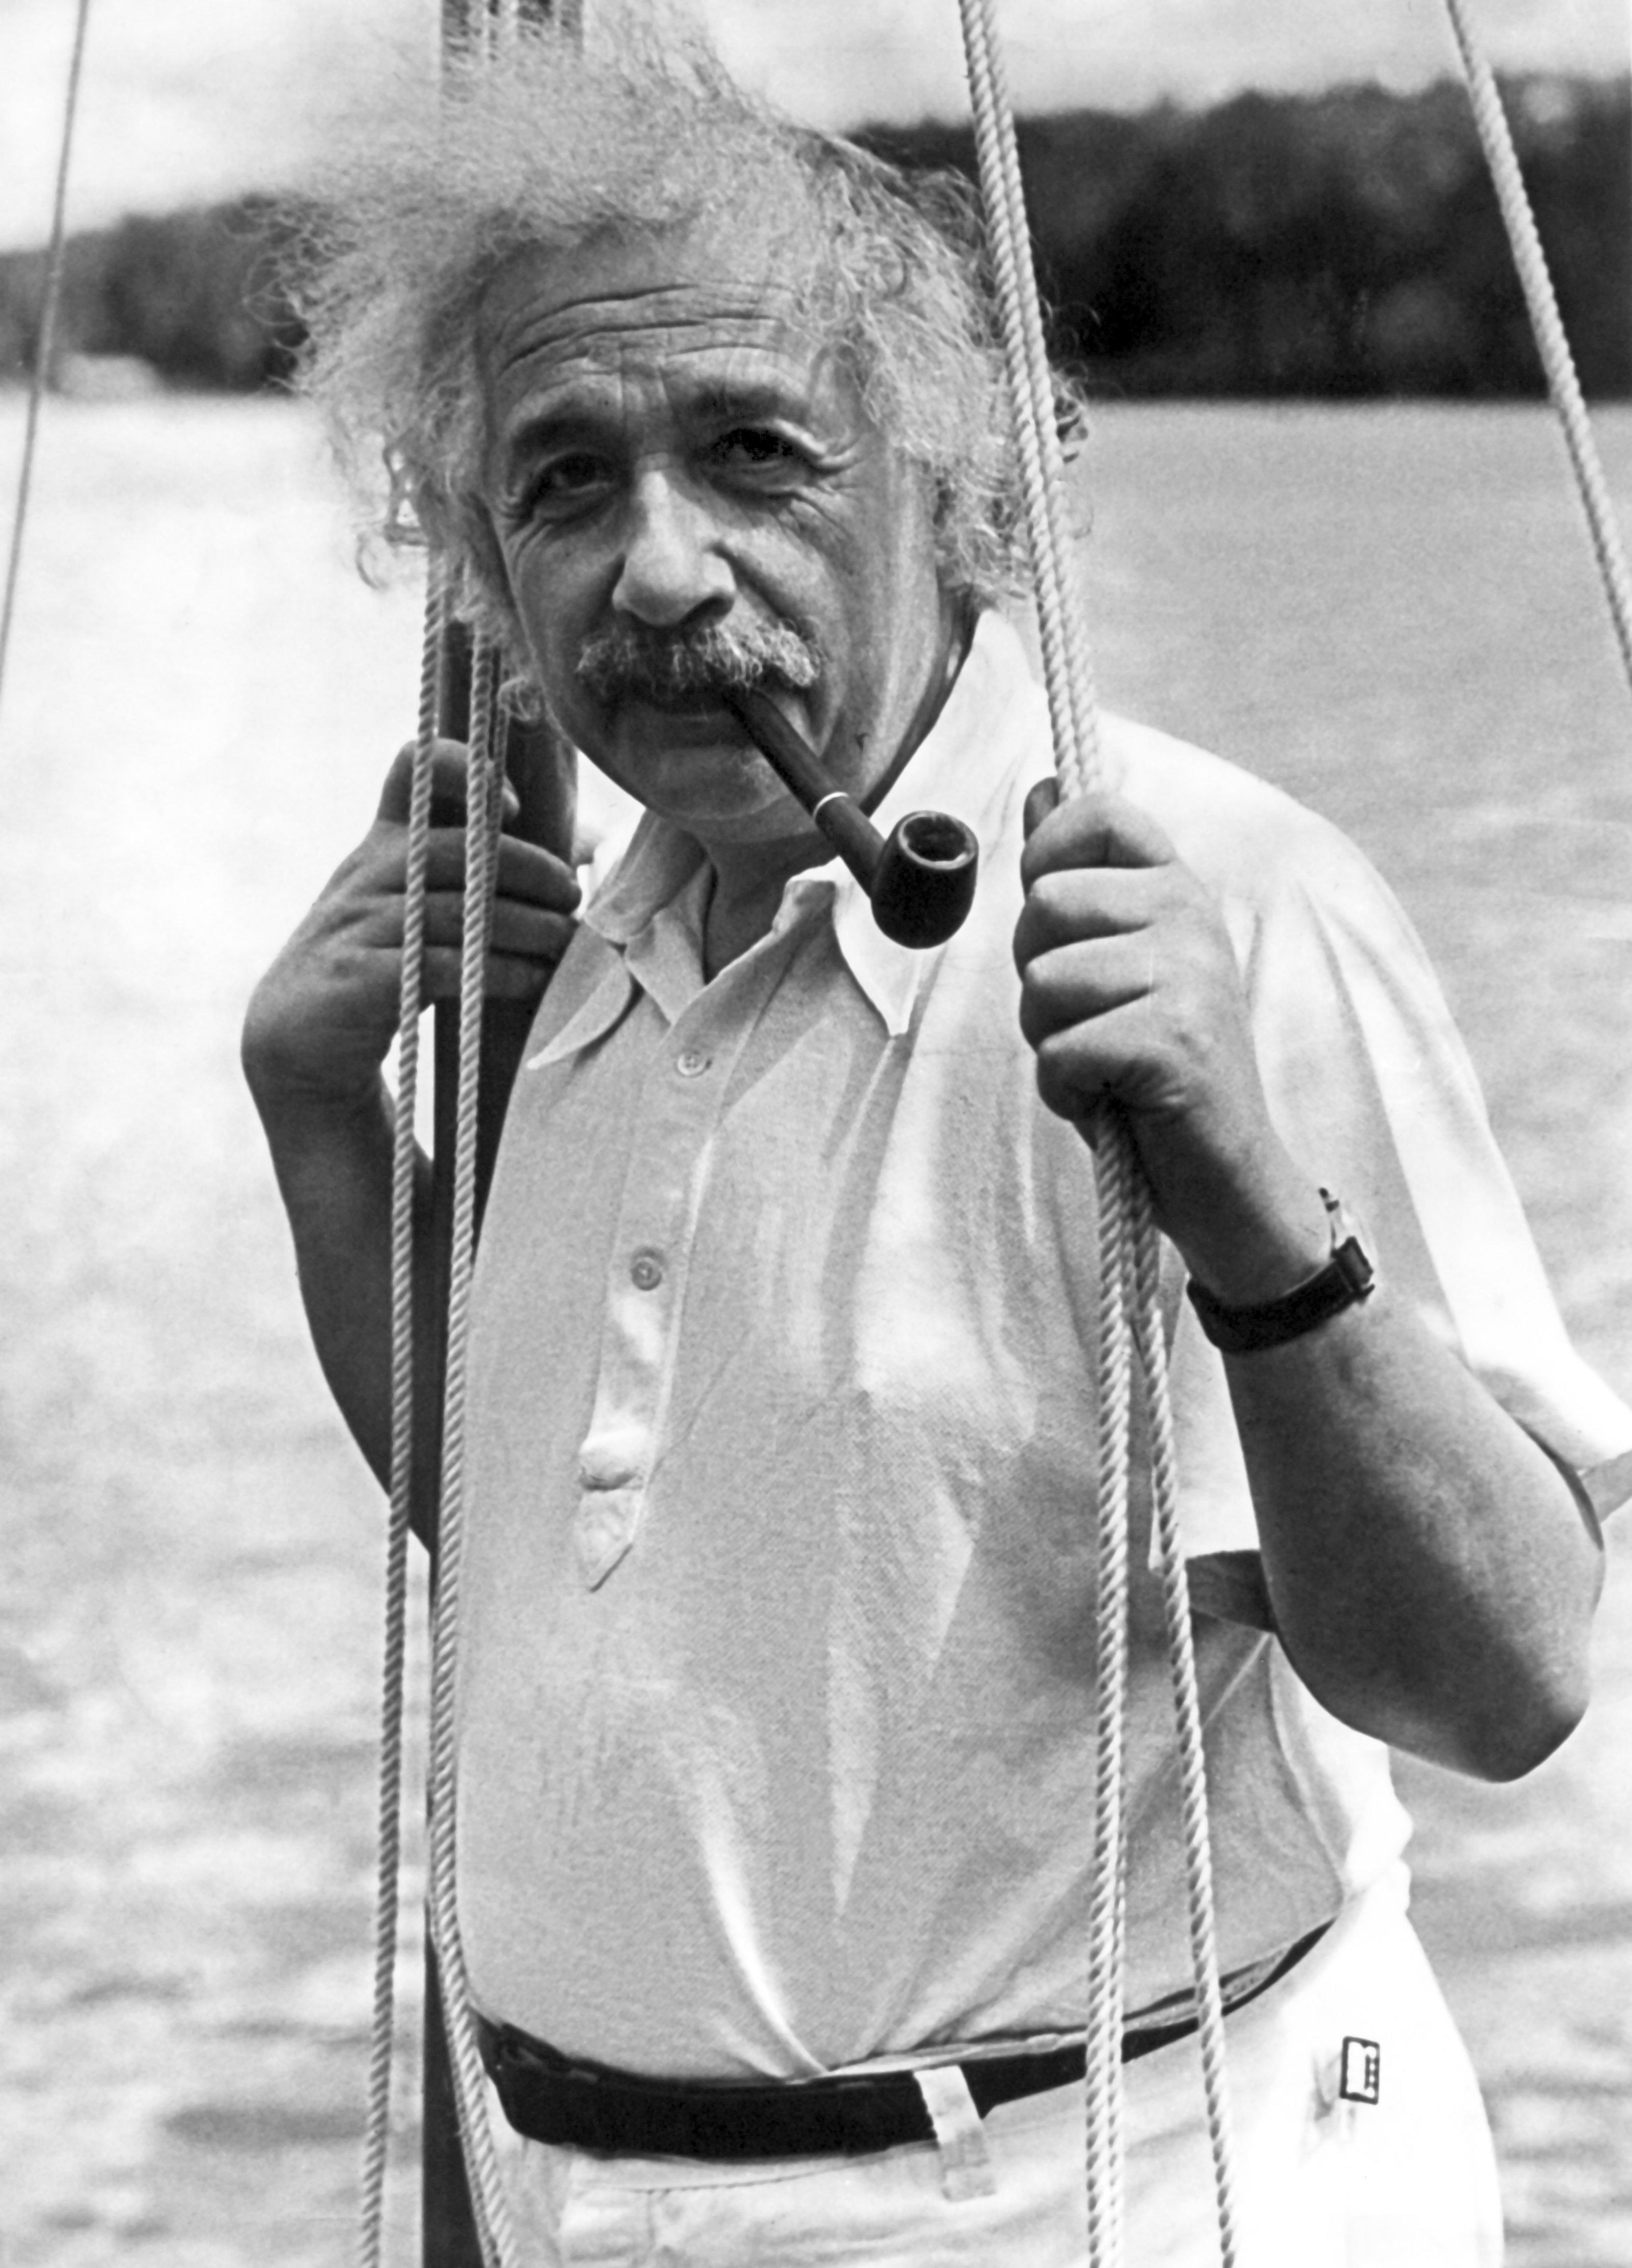 Der deutsche Physiker Albert Einstein beim Rauchen einer Pfeife: Der Begründer der Relativitätstheorie erhielt 1921 für seine Beiträge zur Quantentheorie, besonders für seine Deutung des Photoeffekts, den Nobelpreis für Physik.